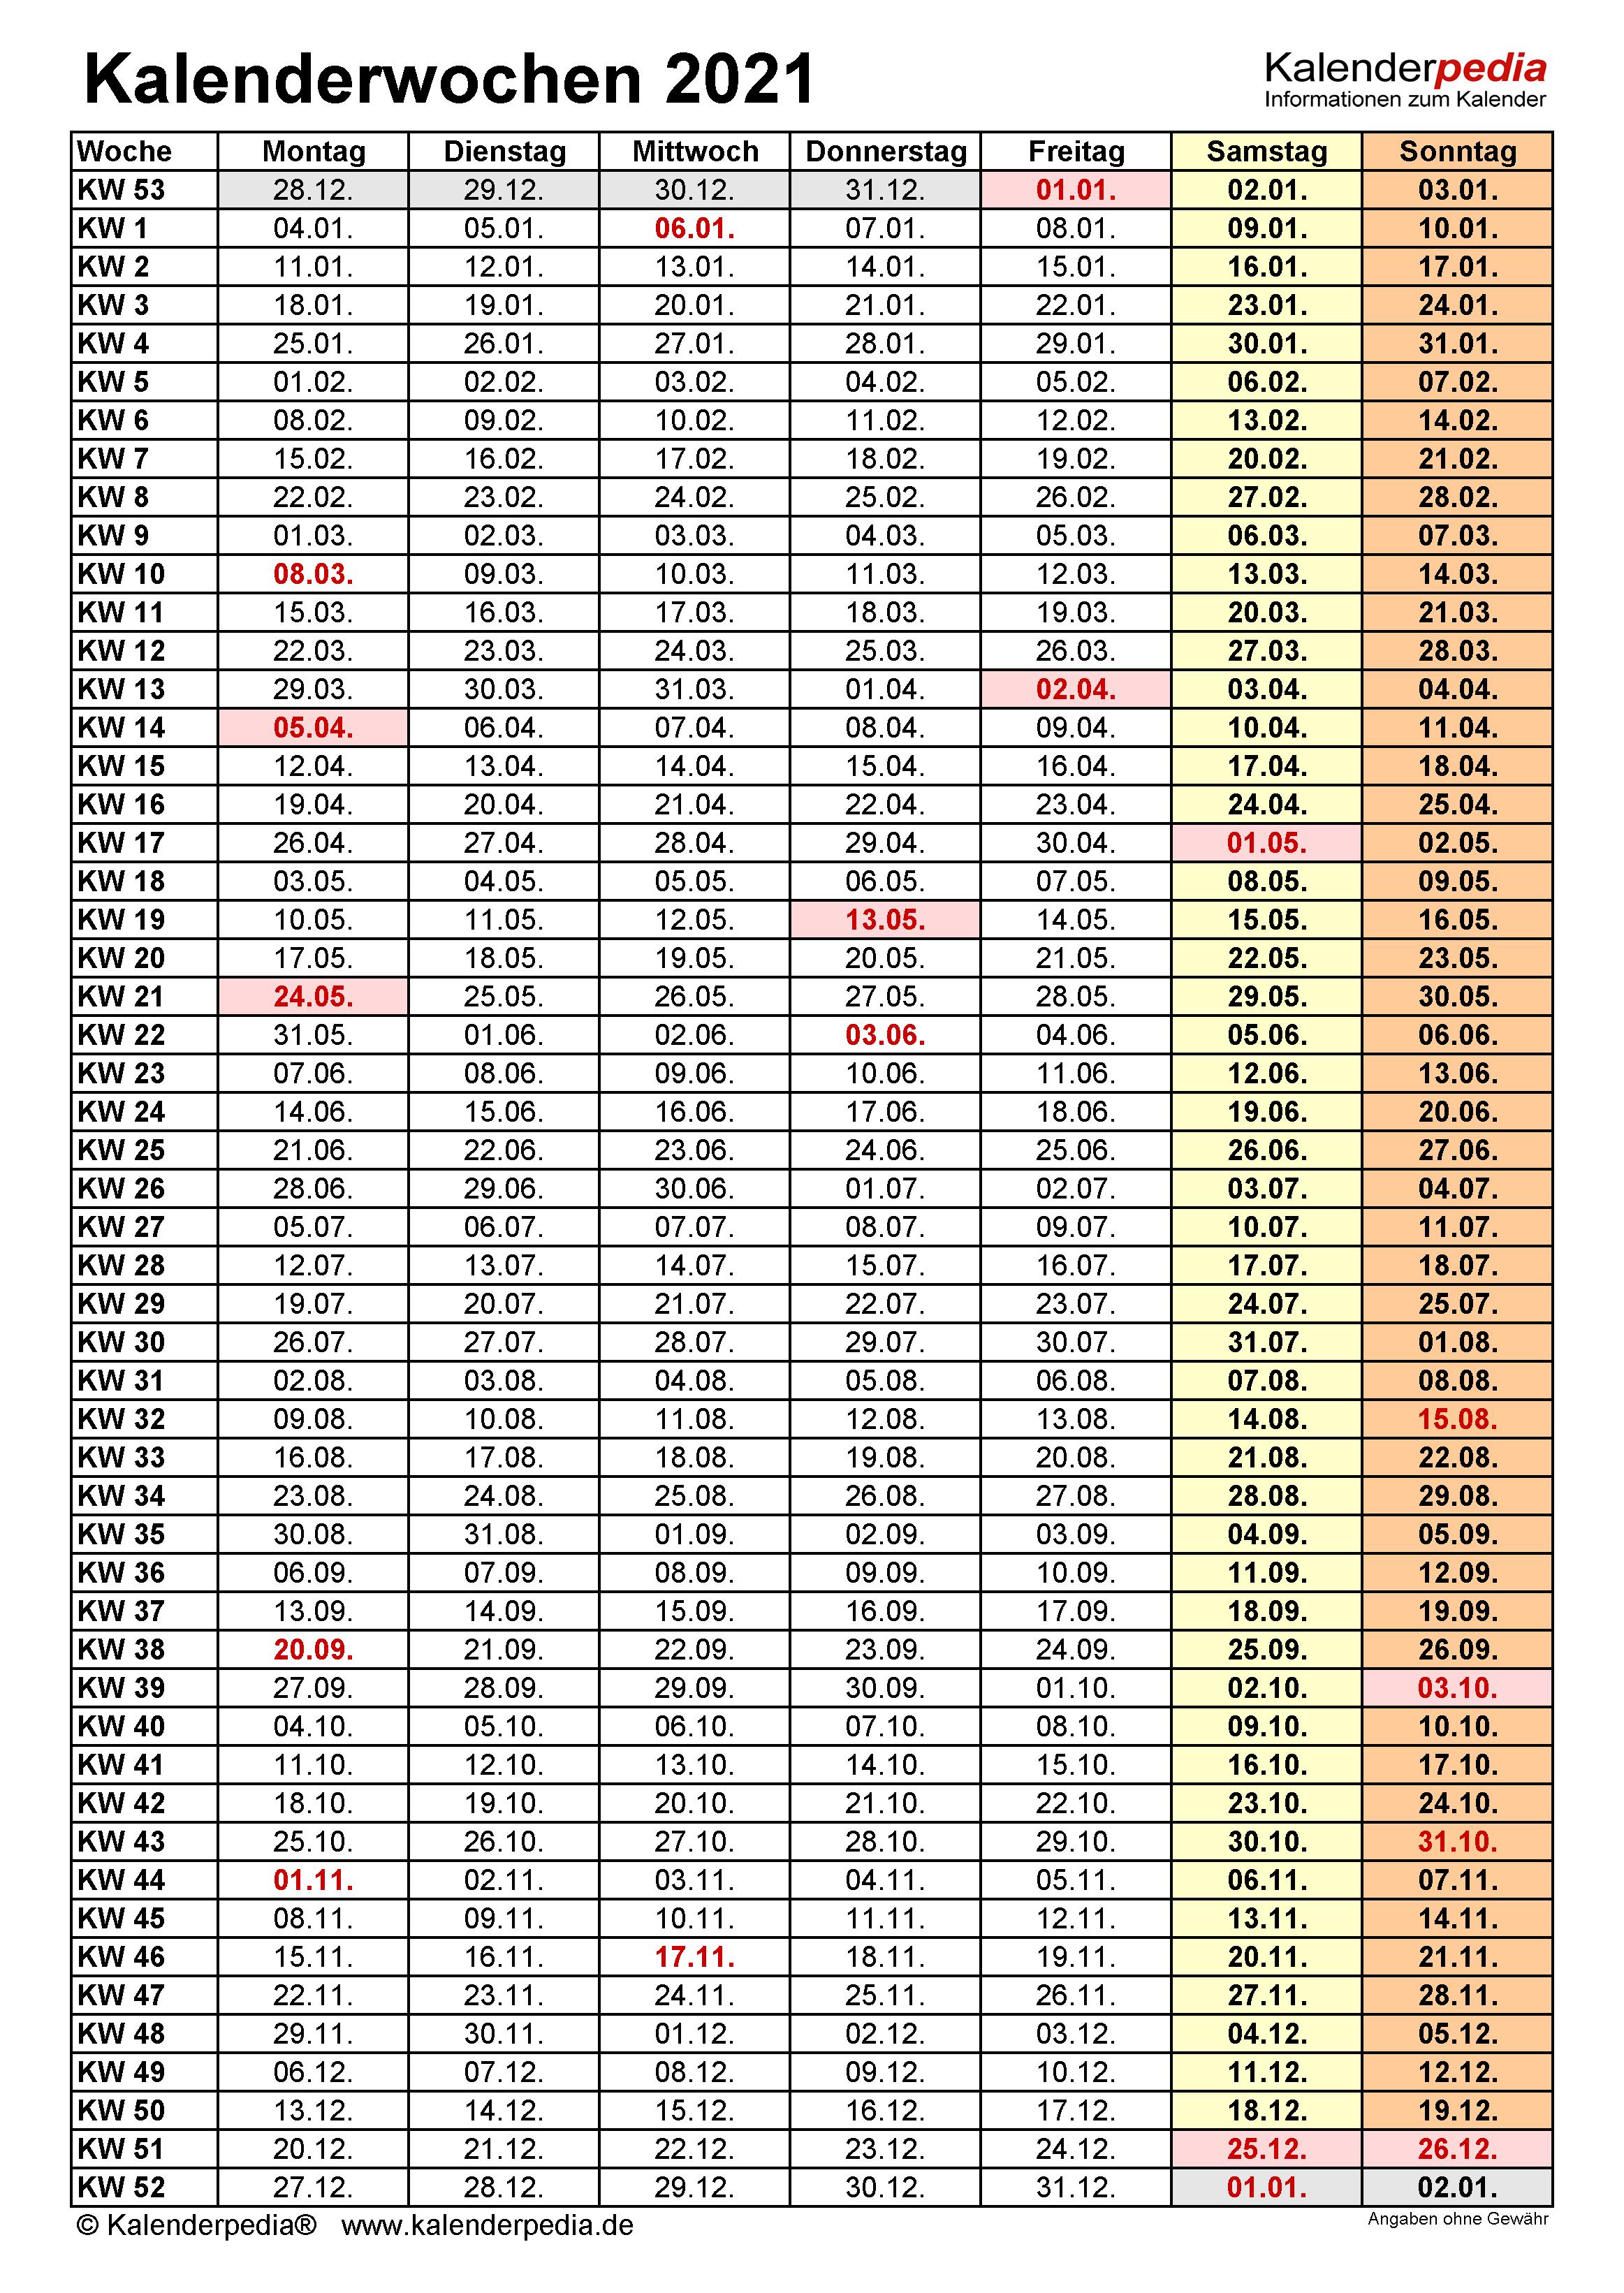 Kalenderwochen 2021 mit Vorlagen für Excel, Word & PDF